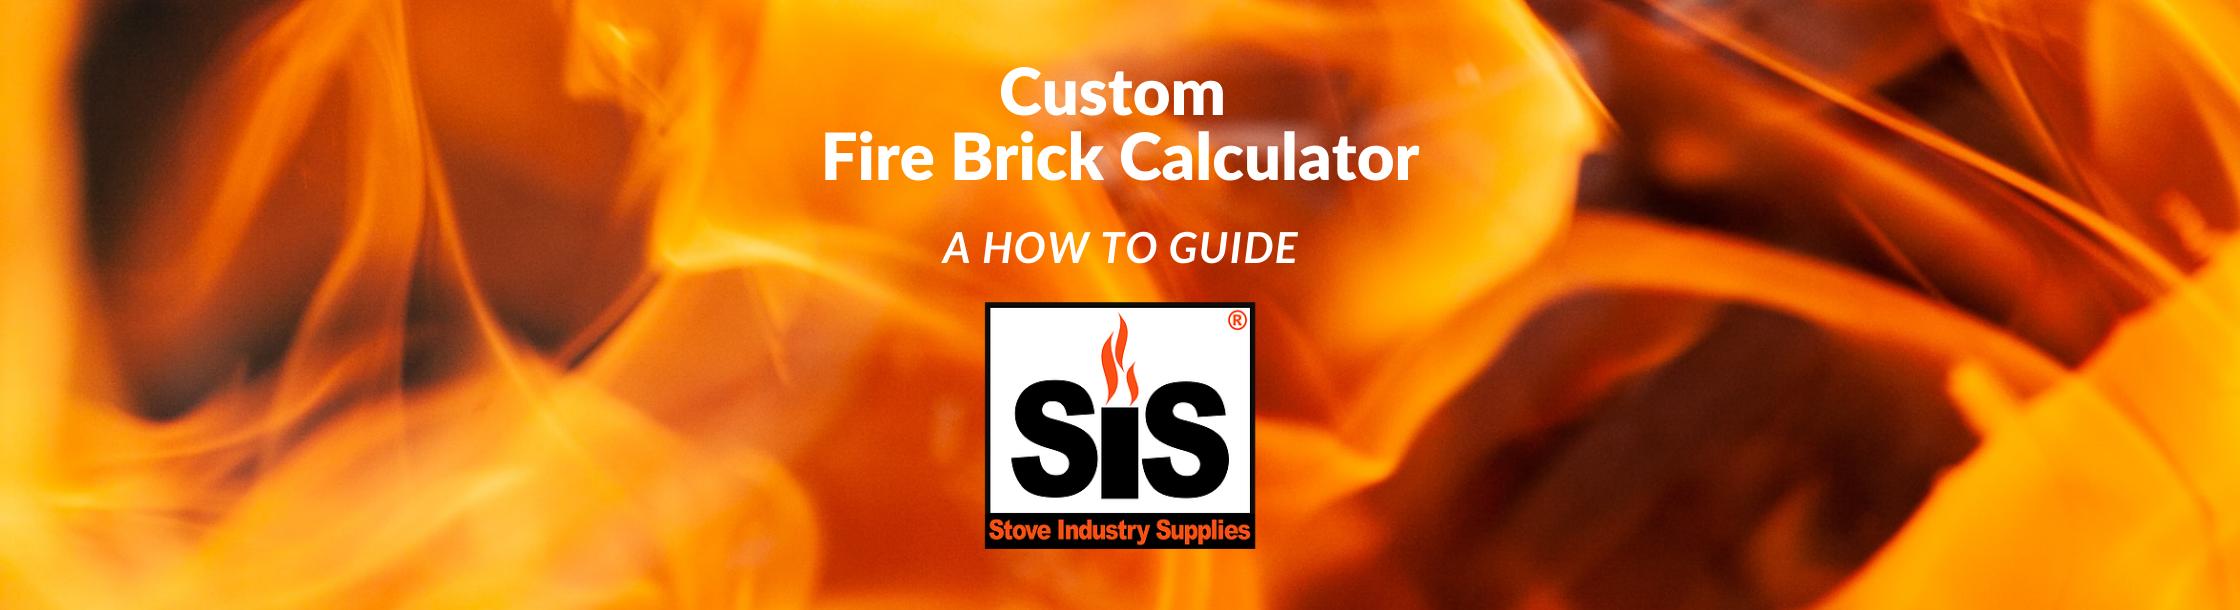 Custom Fire Brick Calculator - How to Guide - Blog Header